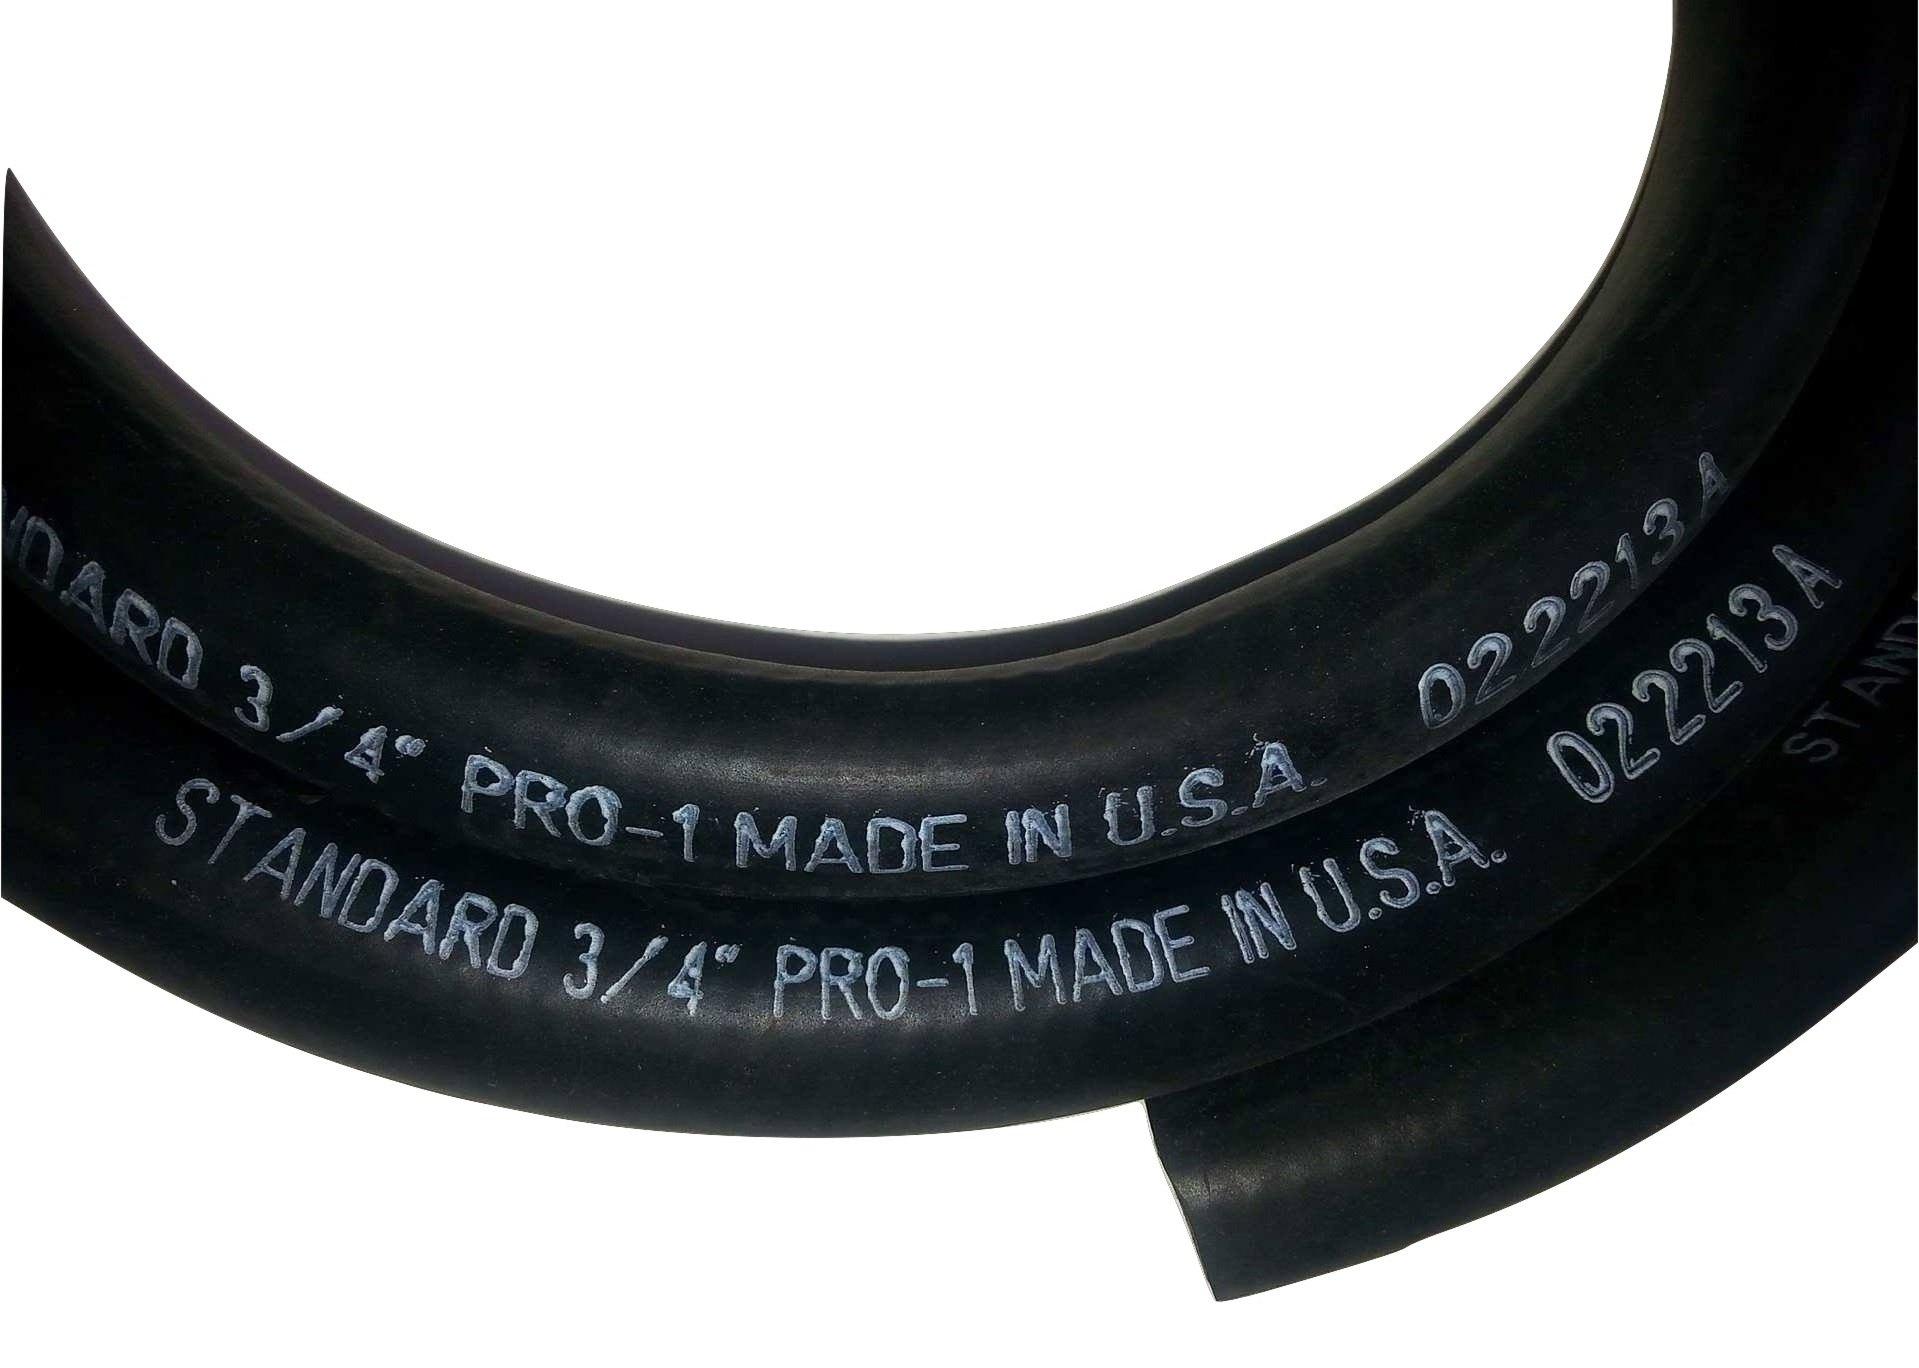 PRO 1 Heater Hose 3/4 Inch Inside Diameter X 6 Feet Length 052615C by Pro-1